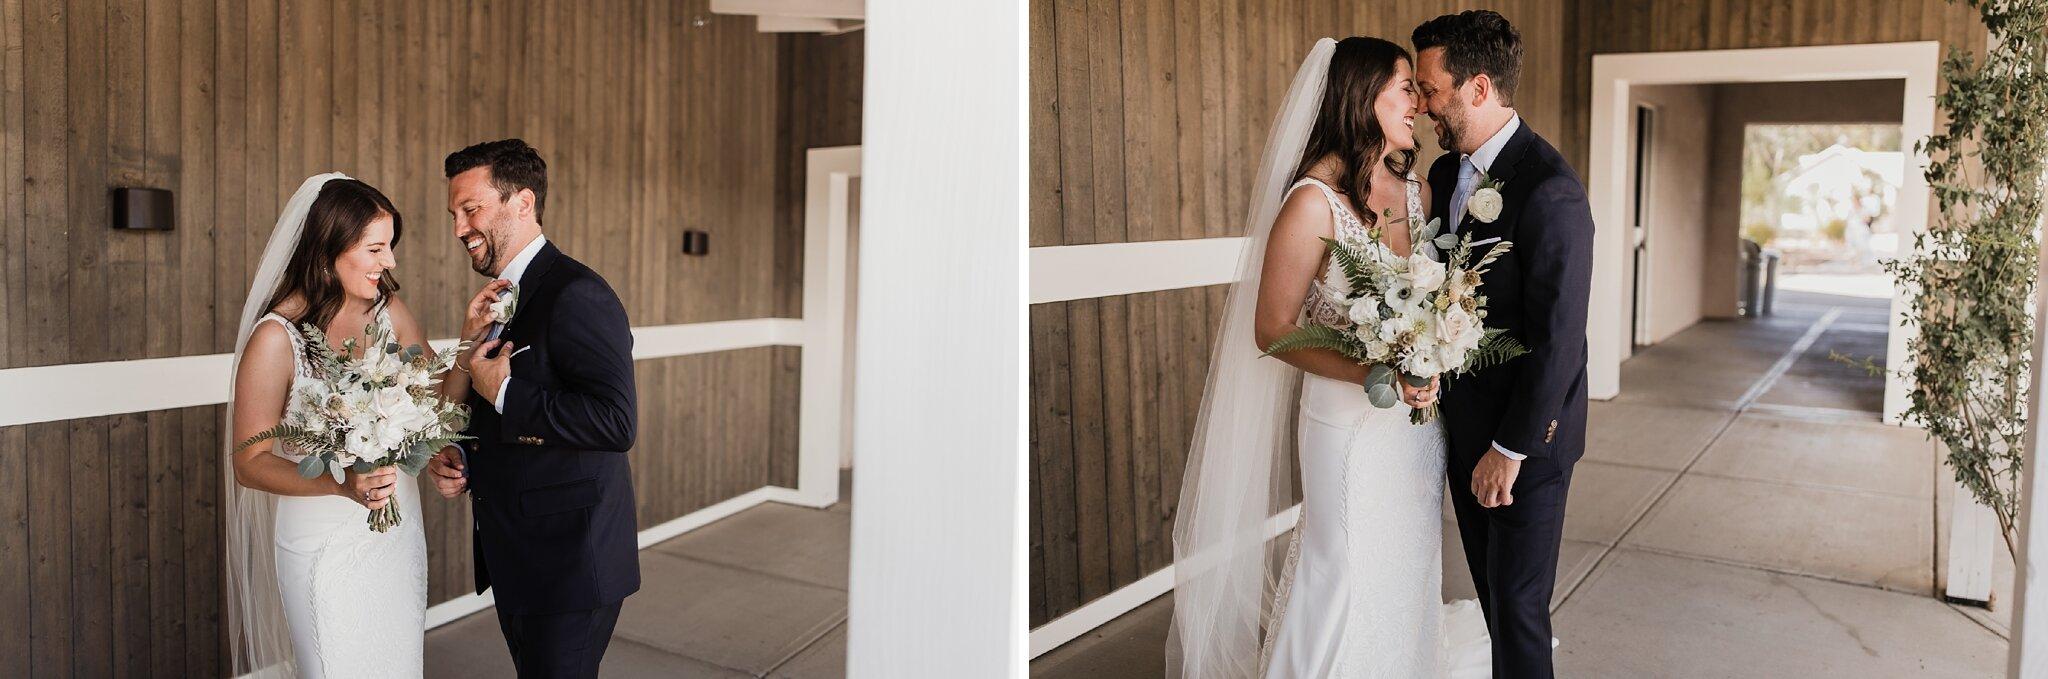 Alicia+lucia+photography+-+albuquerque+wedding+photographer+-+santa+fe+wedding+photography+-+new+mexico+wedding+photographer+-+new+mexico+wedding+-+wedding+-+albuquerque+wedding+-+los+poblanos+-+los+poblanos+wedding+-+fall+wedding_0032.jpg